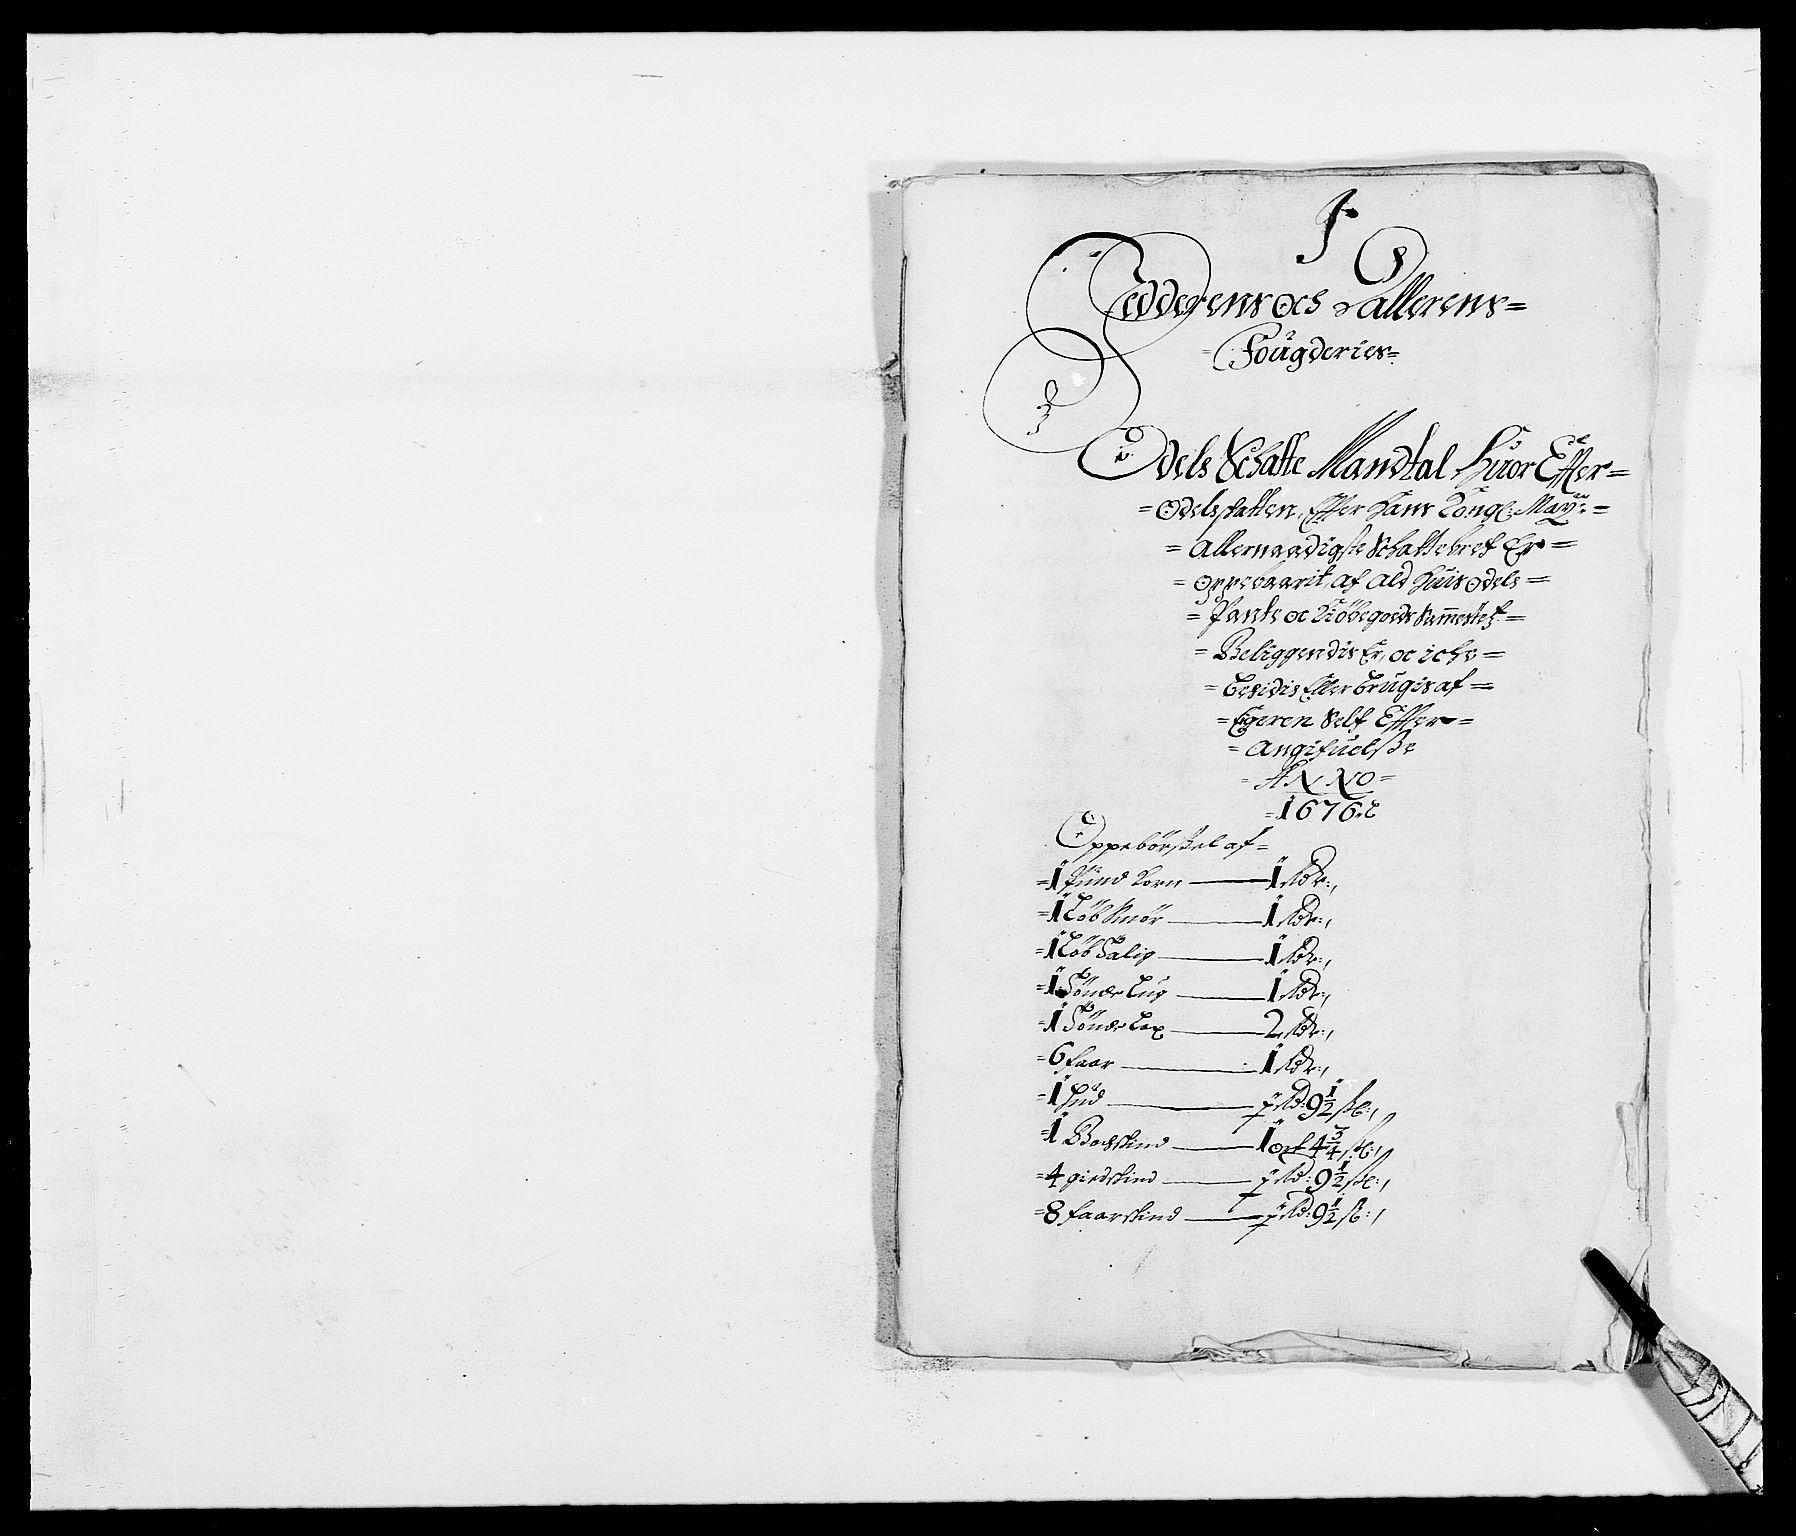 RA, Rentekammeret inntil 1814, Reviderte regnskaper, Fogderegnskap, R46/L2716: Fogderegnskap Jæren og Dalane, 1676, s. 287